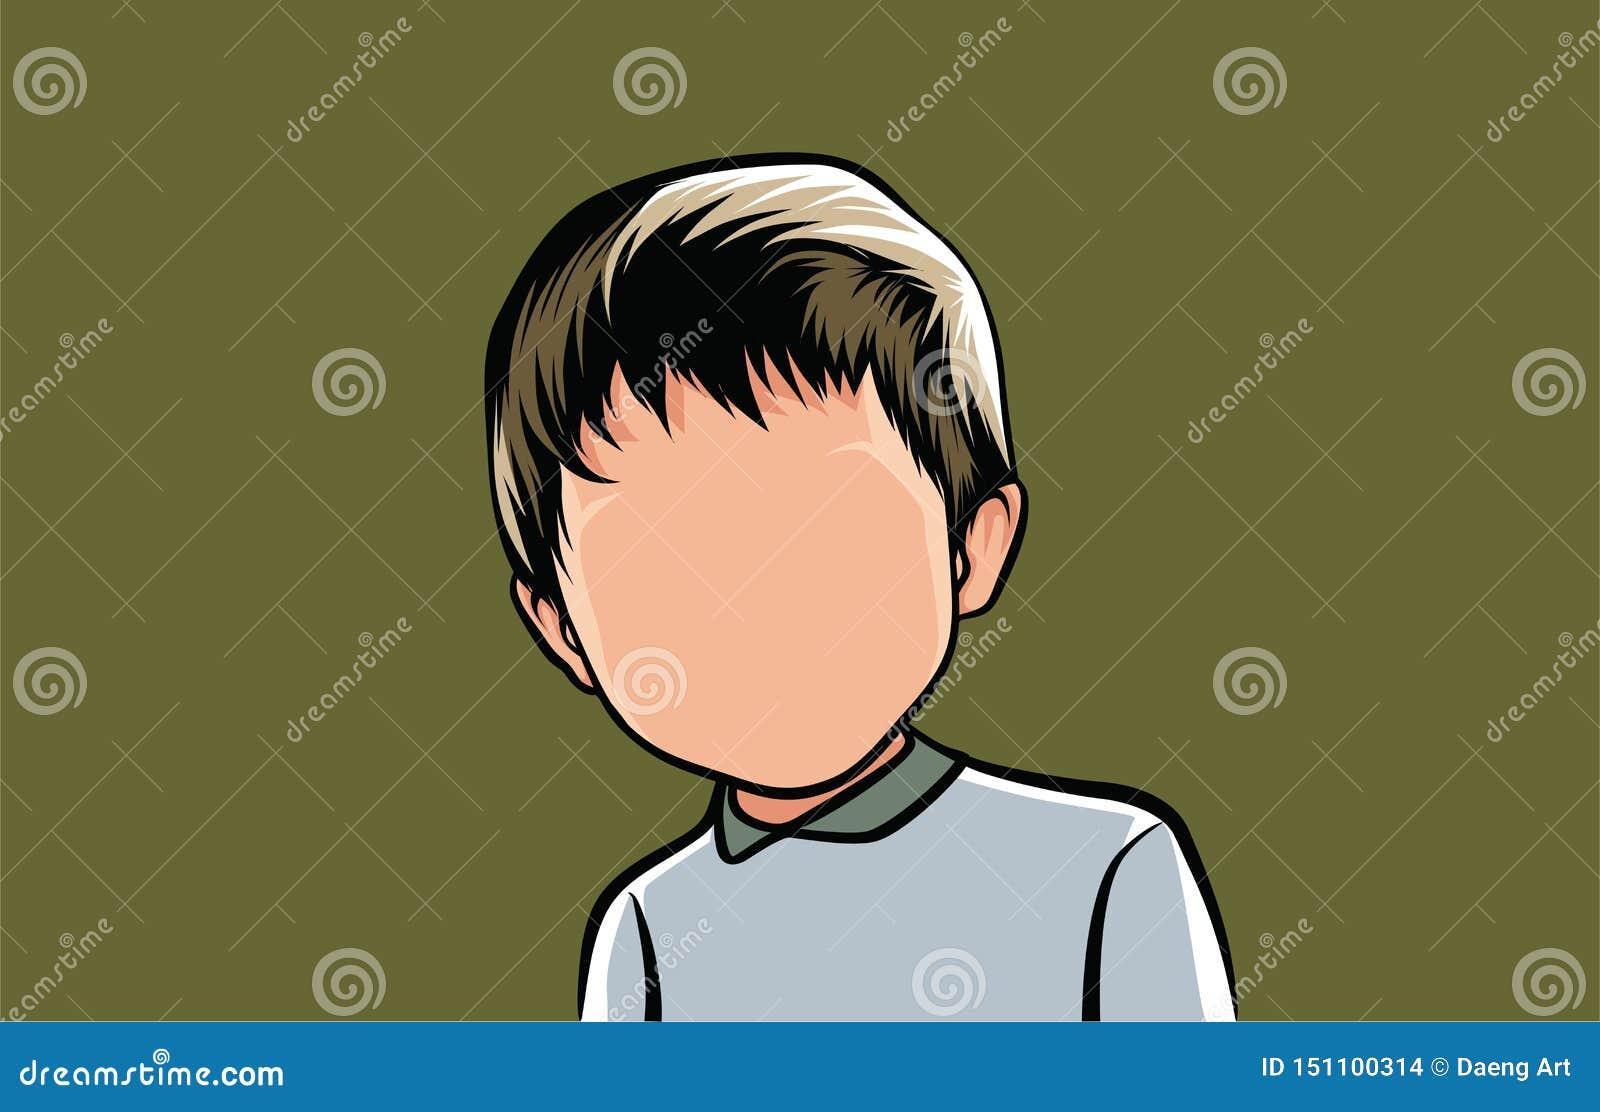 Karikatuur van portretten, illustraties van mannelijke organismen in grijze kleren